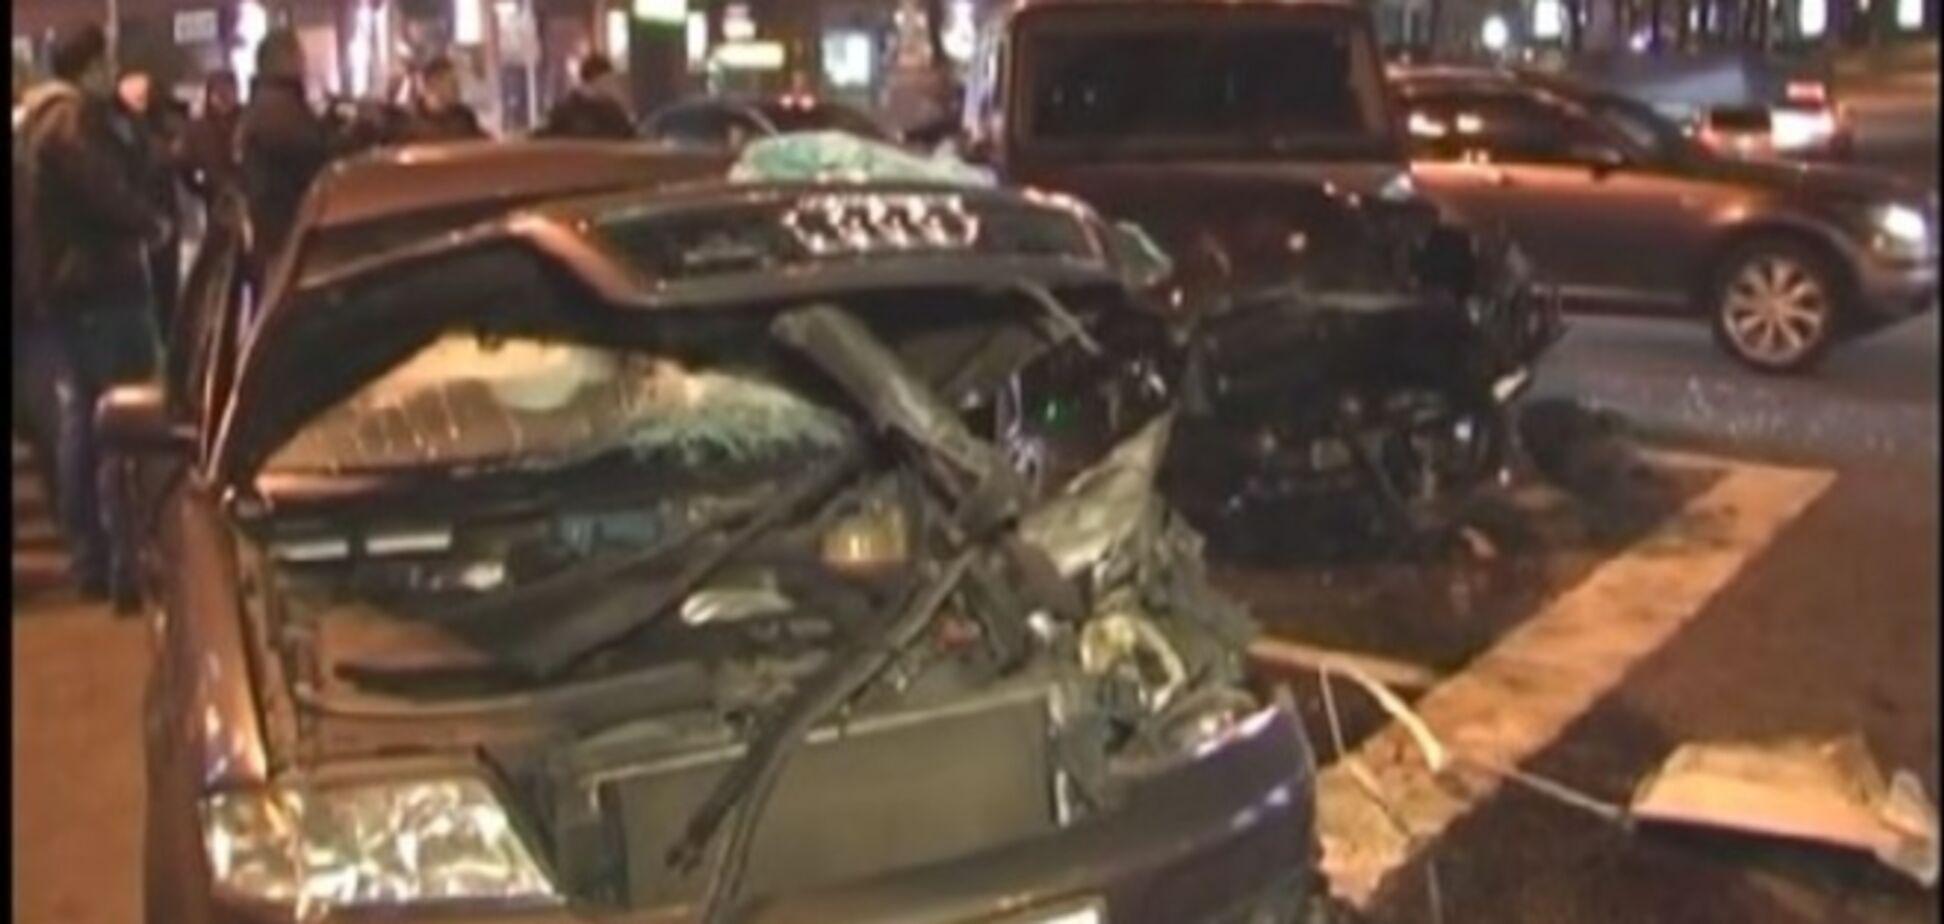 Водитель 'Мерседеса' устроил гонки в центре Киева: 4 человека в больнице. Опубликованы фото аварии